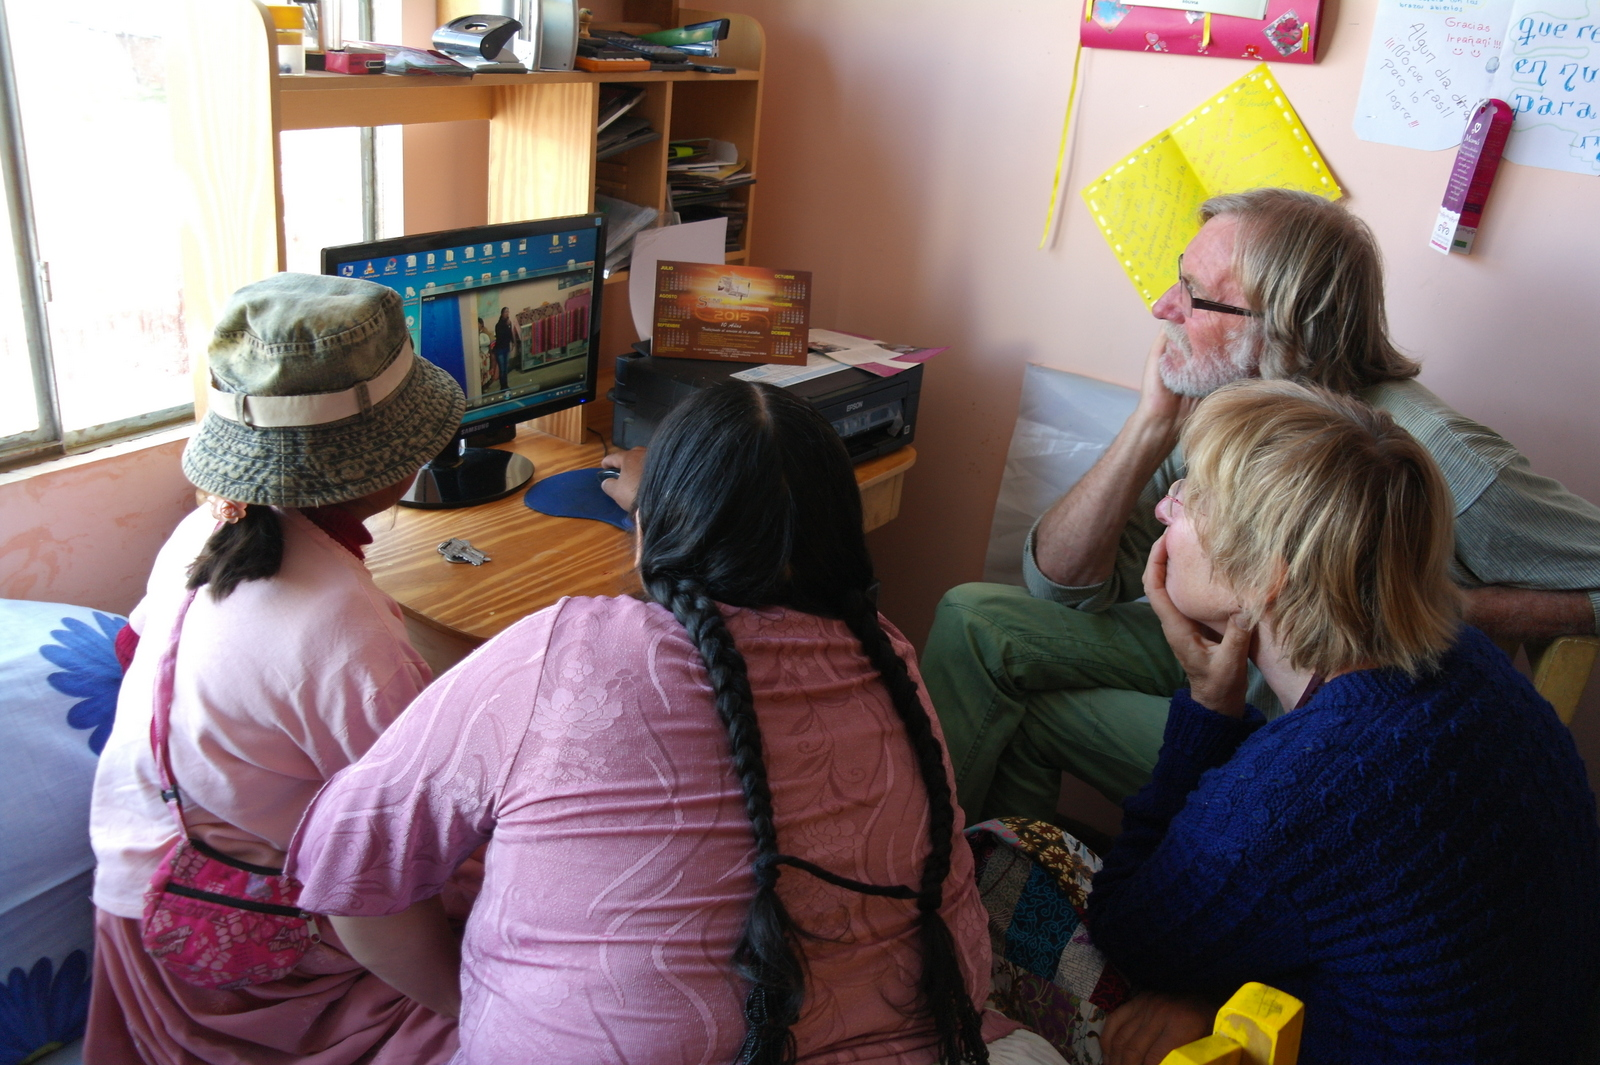 10 We praten veel uren over de kinderen in Irpanani, waarom dit project er moet zijn, en hoe te zorgen voor de continuiteit en support te vinden